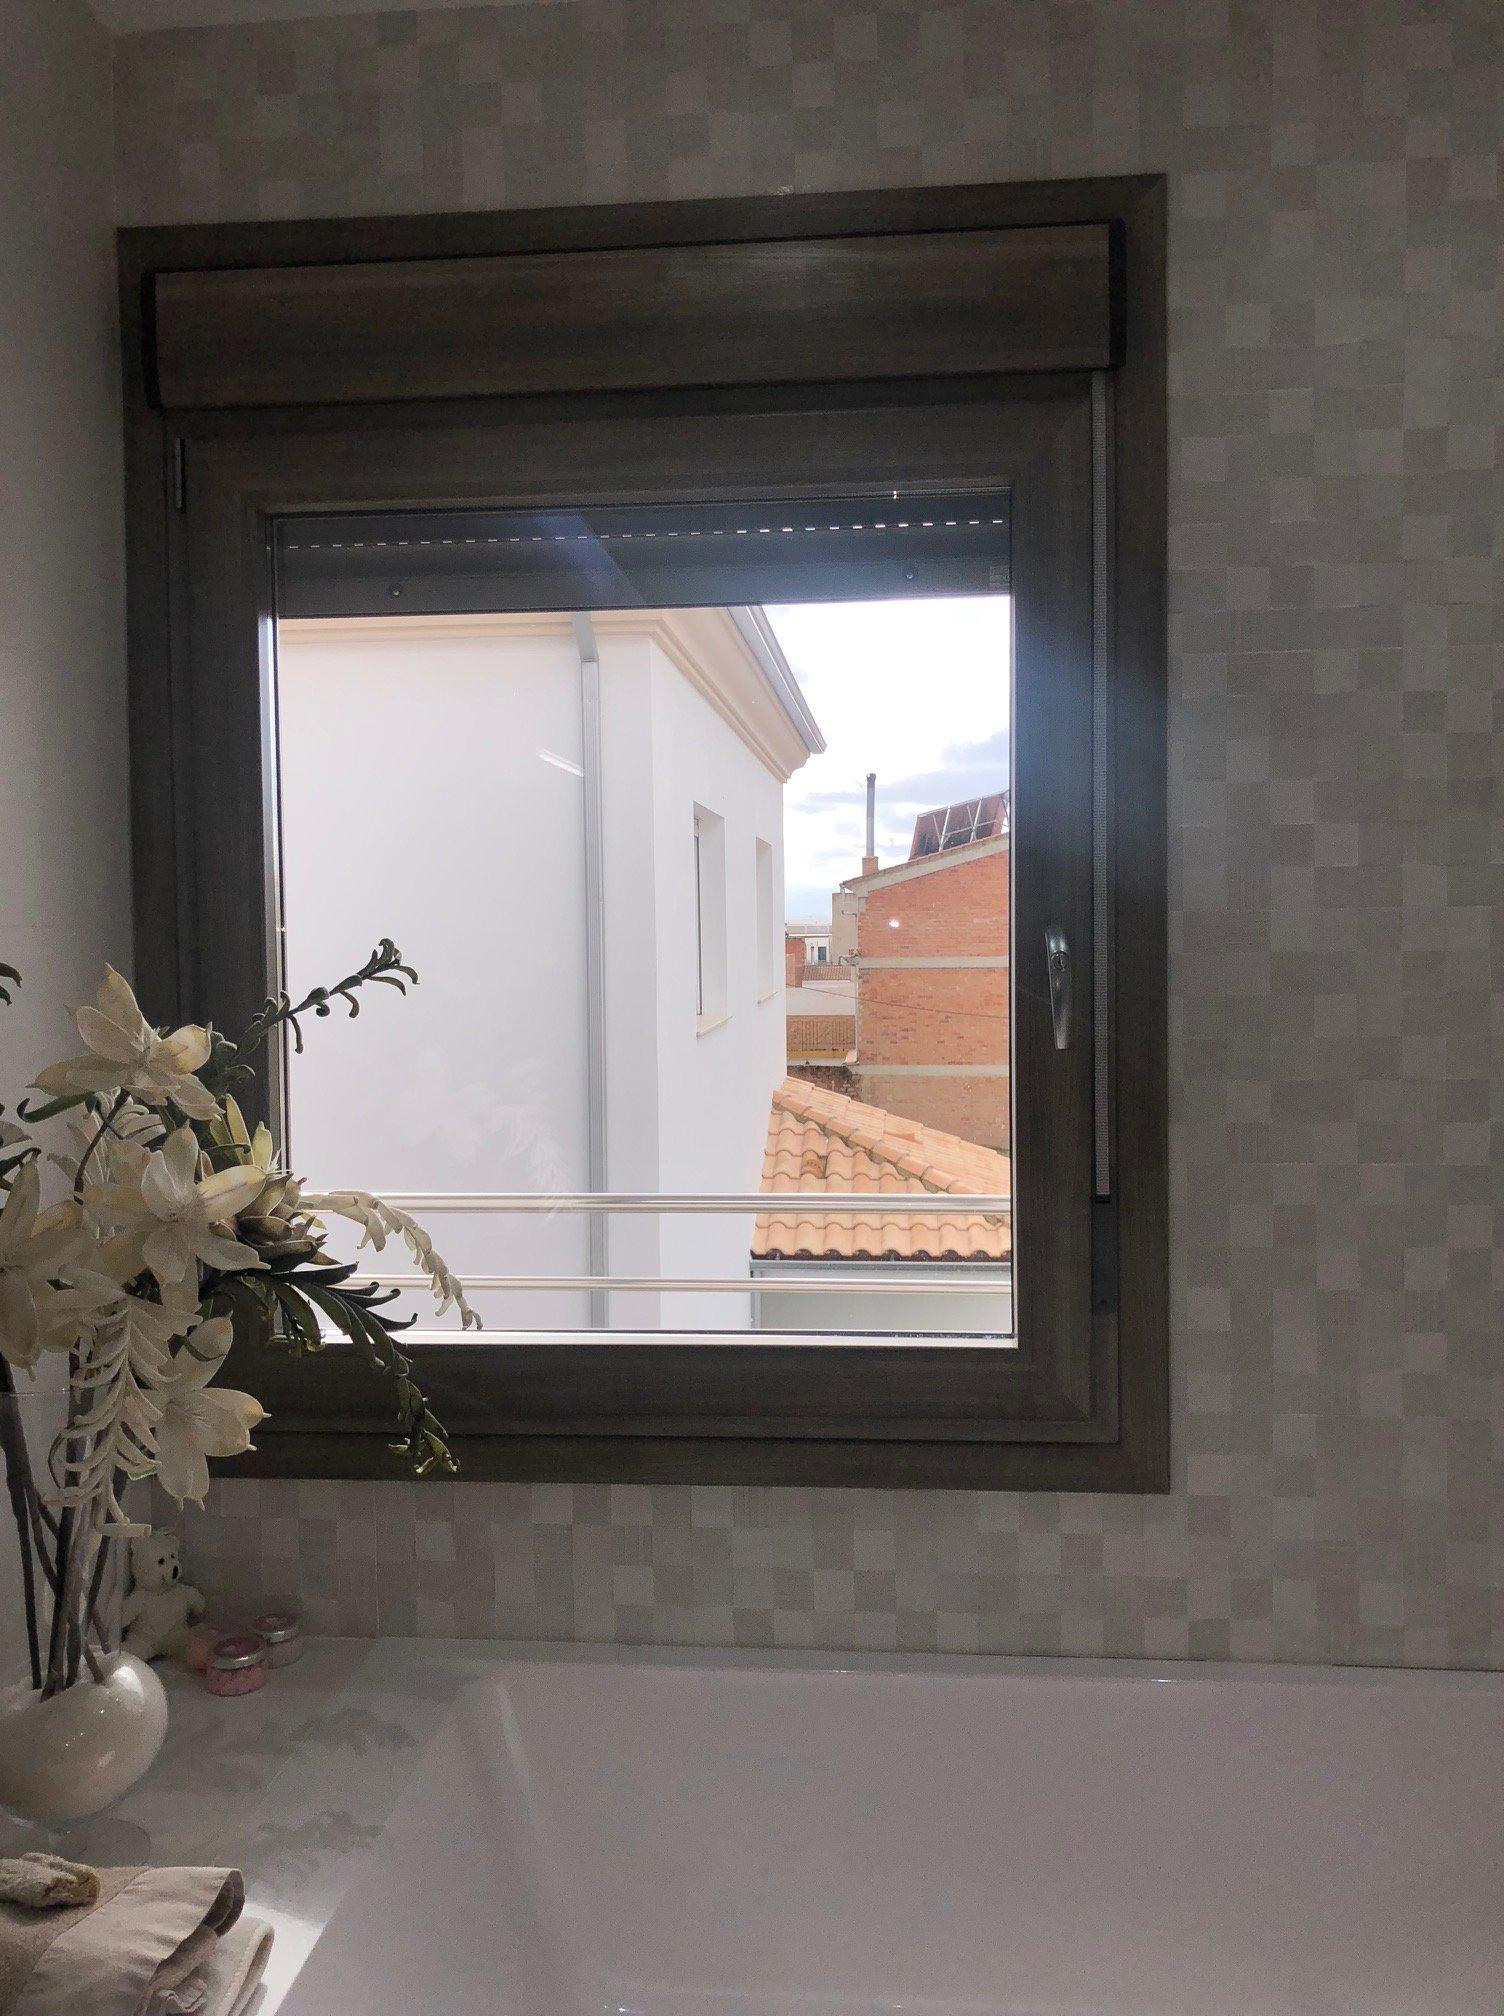 espectacular elevadora y oscilobatientes en hojas de gran dimensión